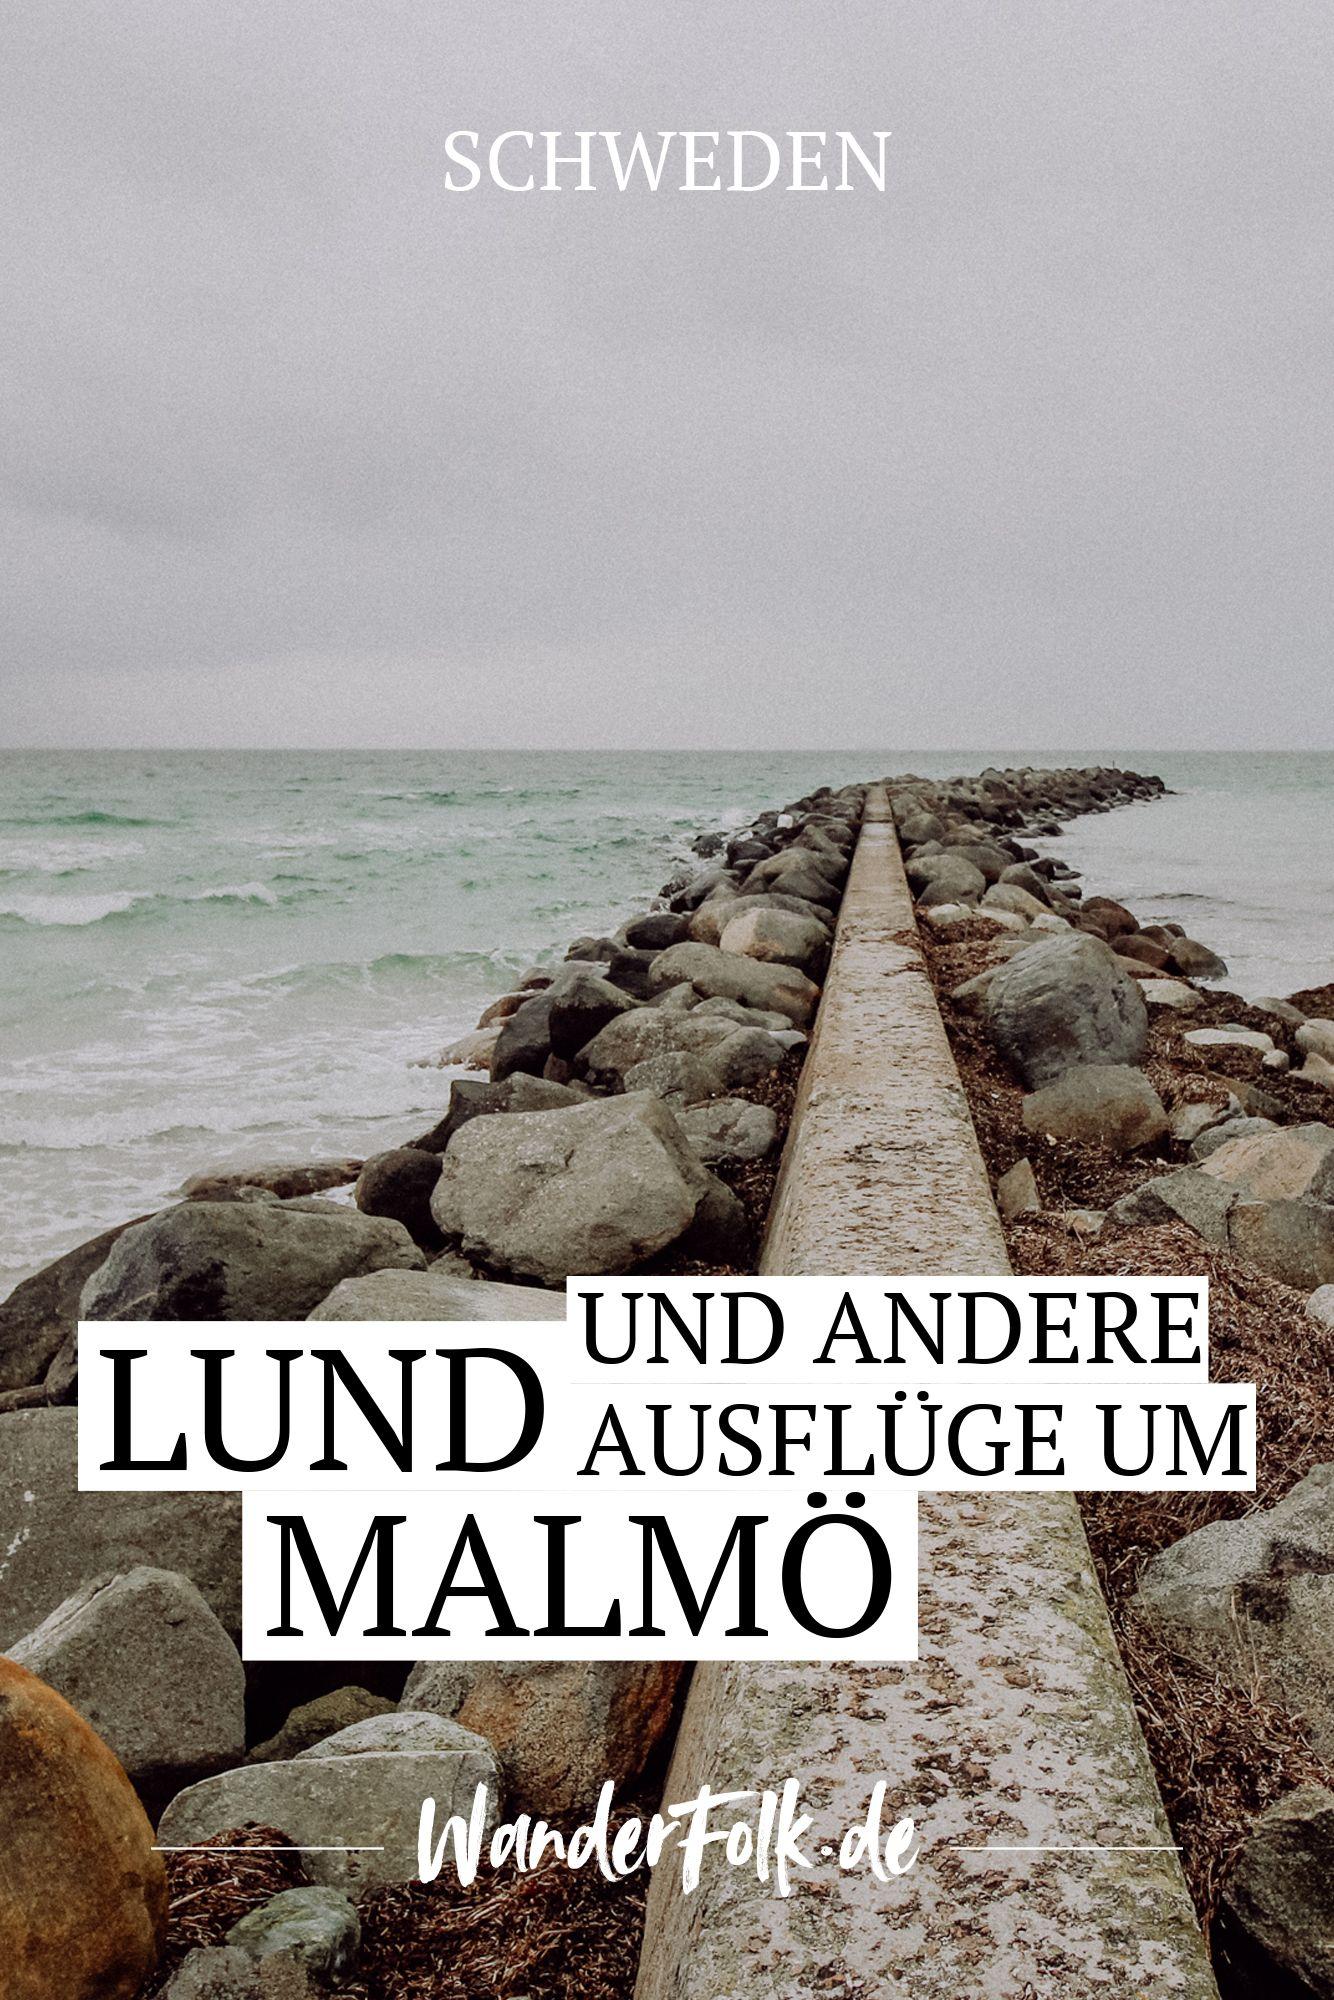 Skane, Schweden: Lund & andere tolle Ausflüge rund um Malmö #aroundtheworldtrips